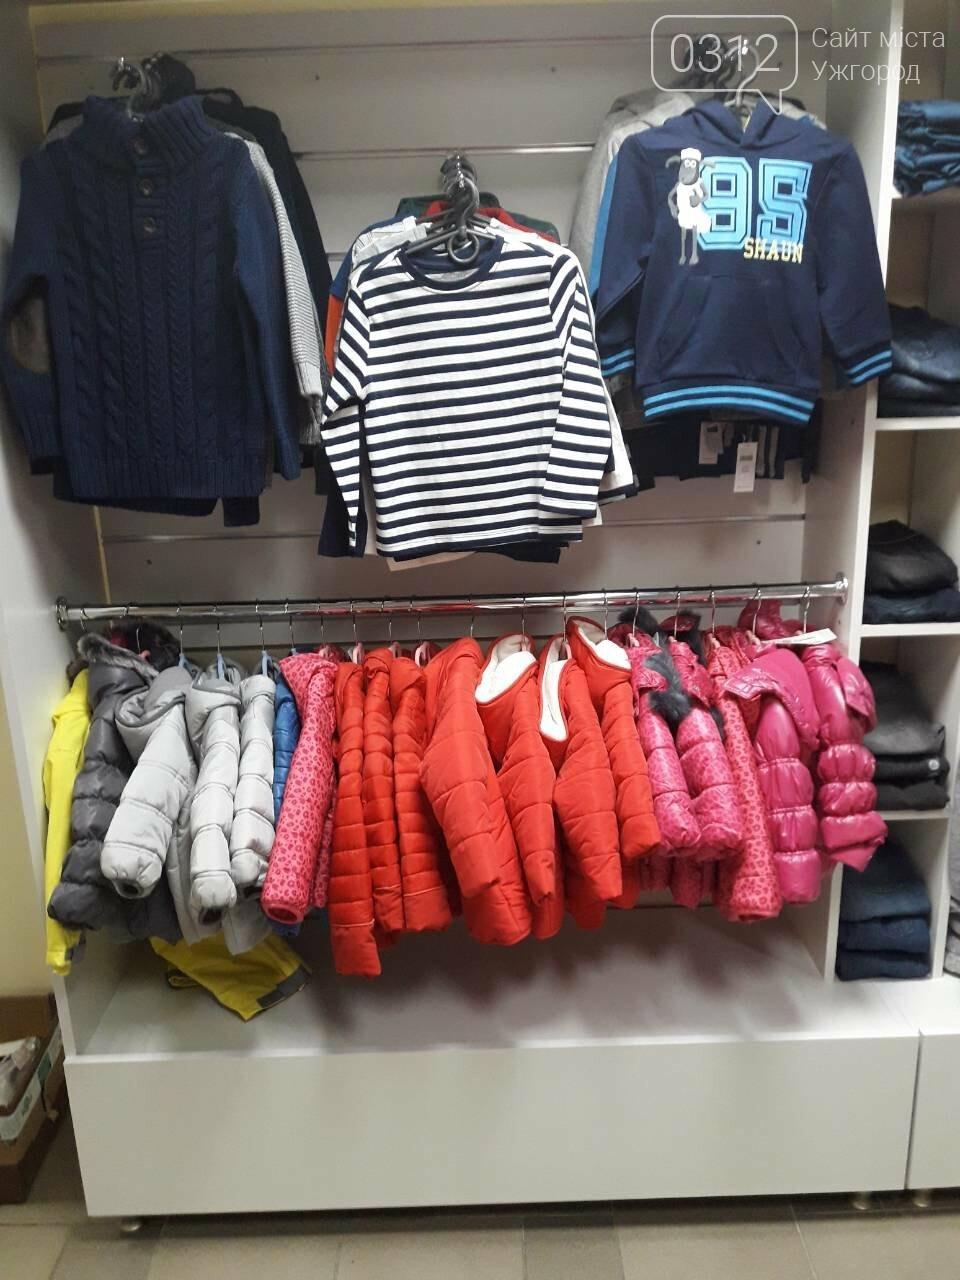 ЗНИЖКИ до -70%: 1-го грудня в Ужгороді відчиняється магазин дитячого одягу «WESTERN BRANDS» (ФОТО), фото-1